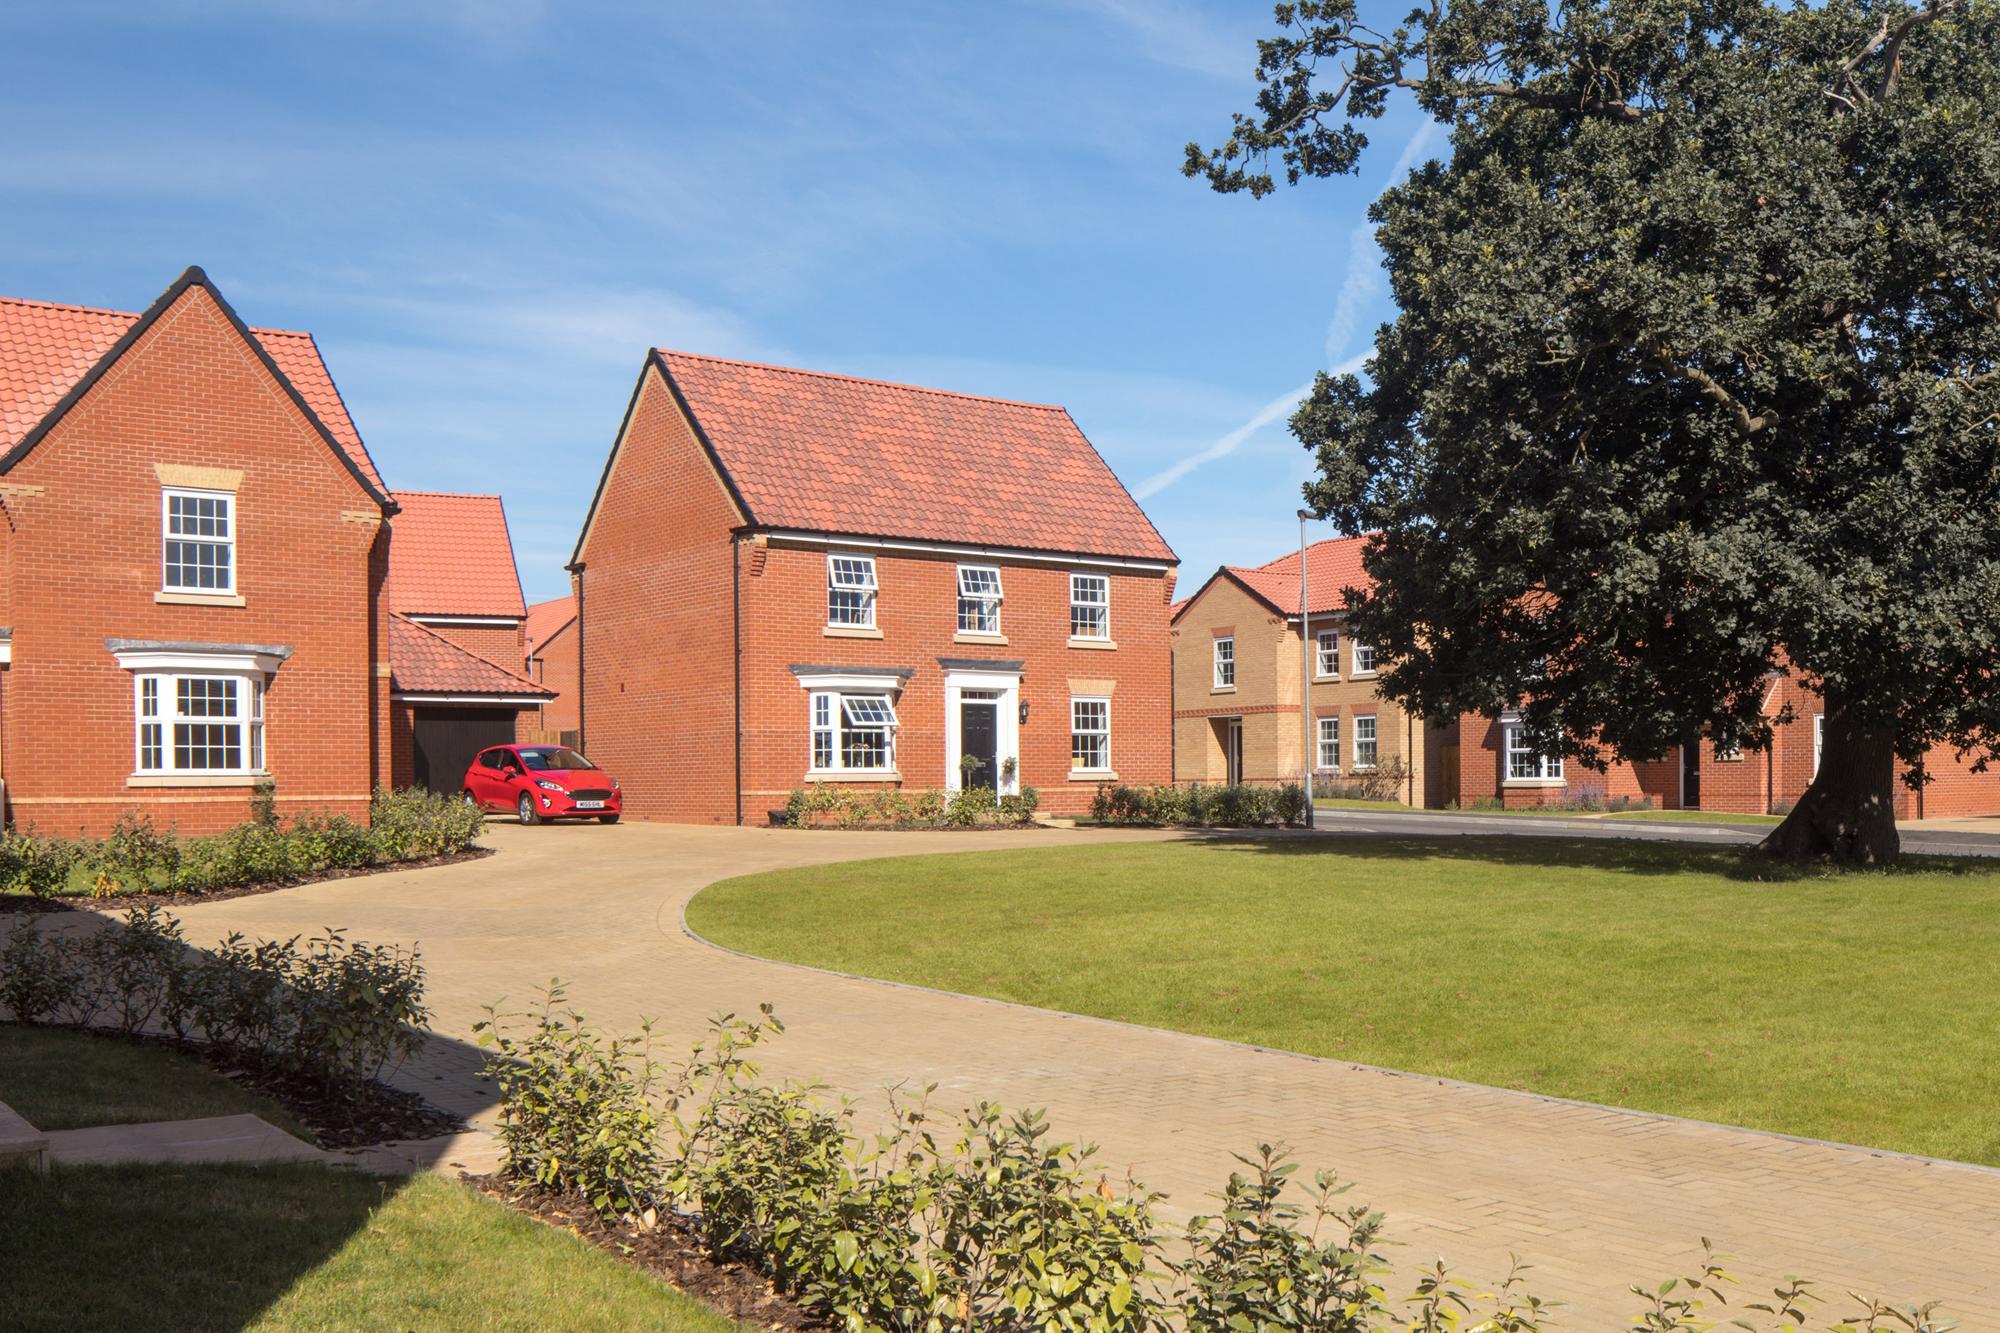 New Build Homes in Aylsham